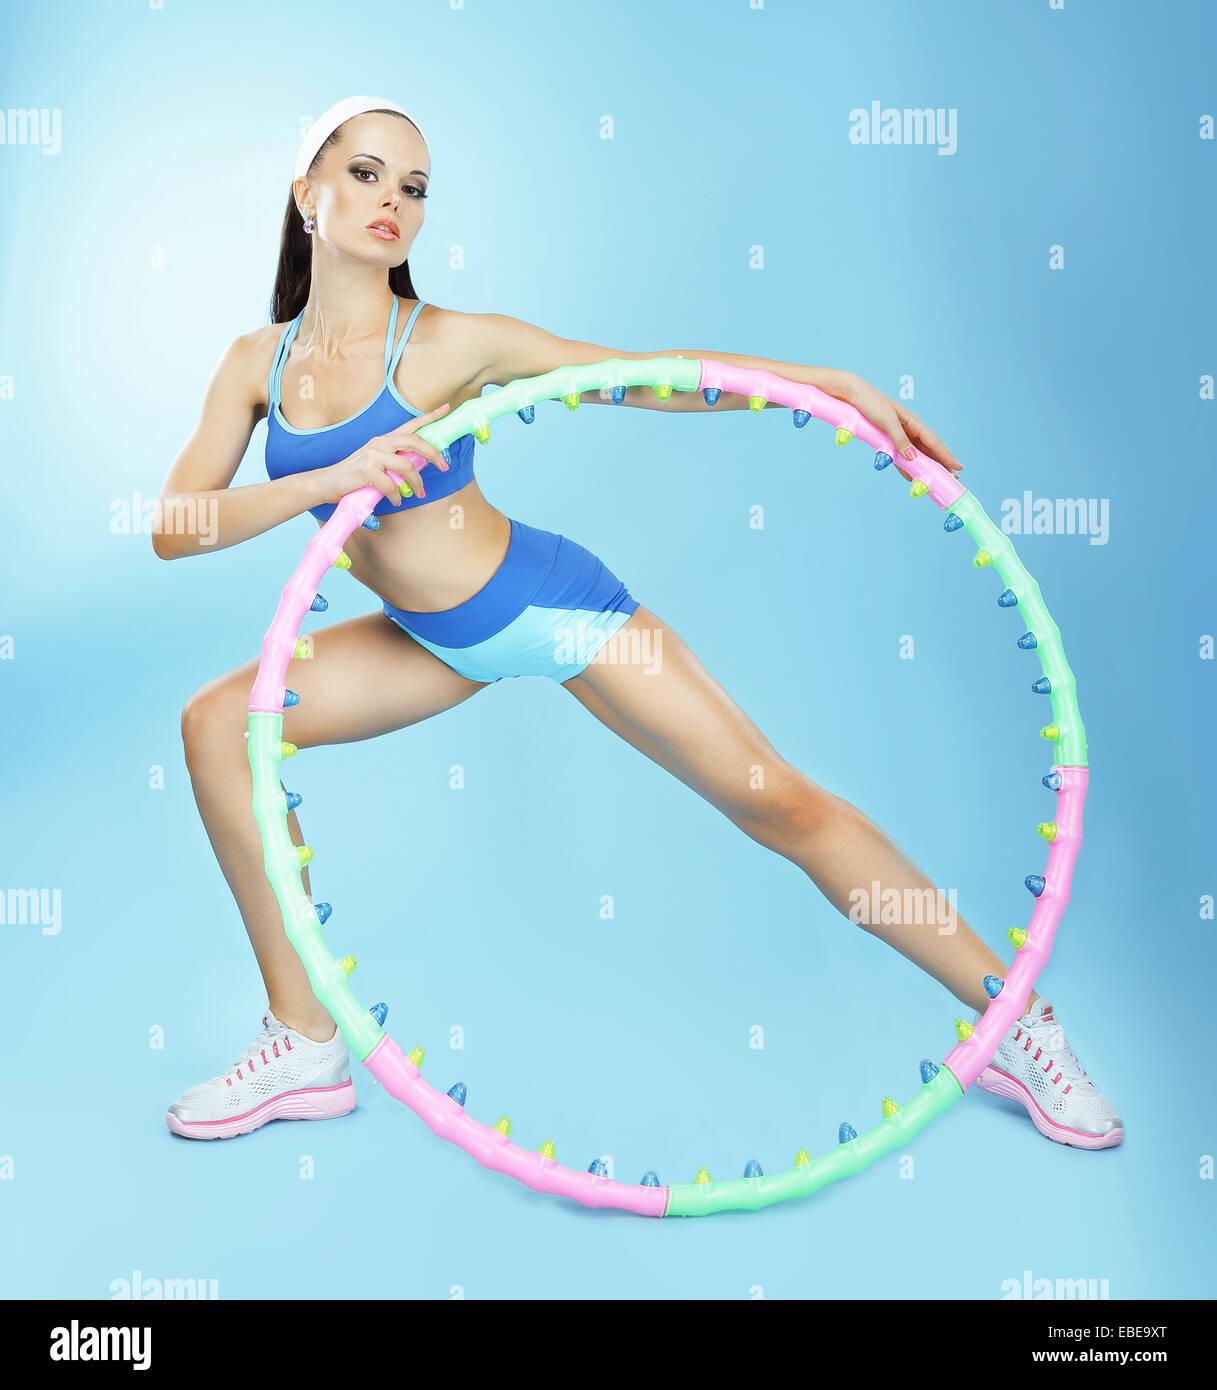 La gimnasia. Colocar mujer con aro en el Club de Fitness Imagen De Stock